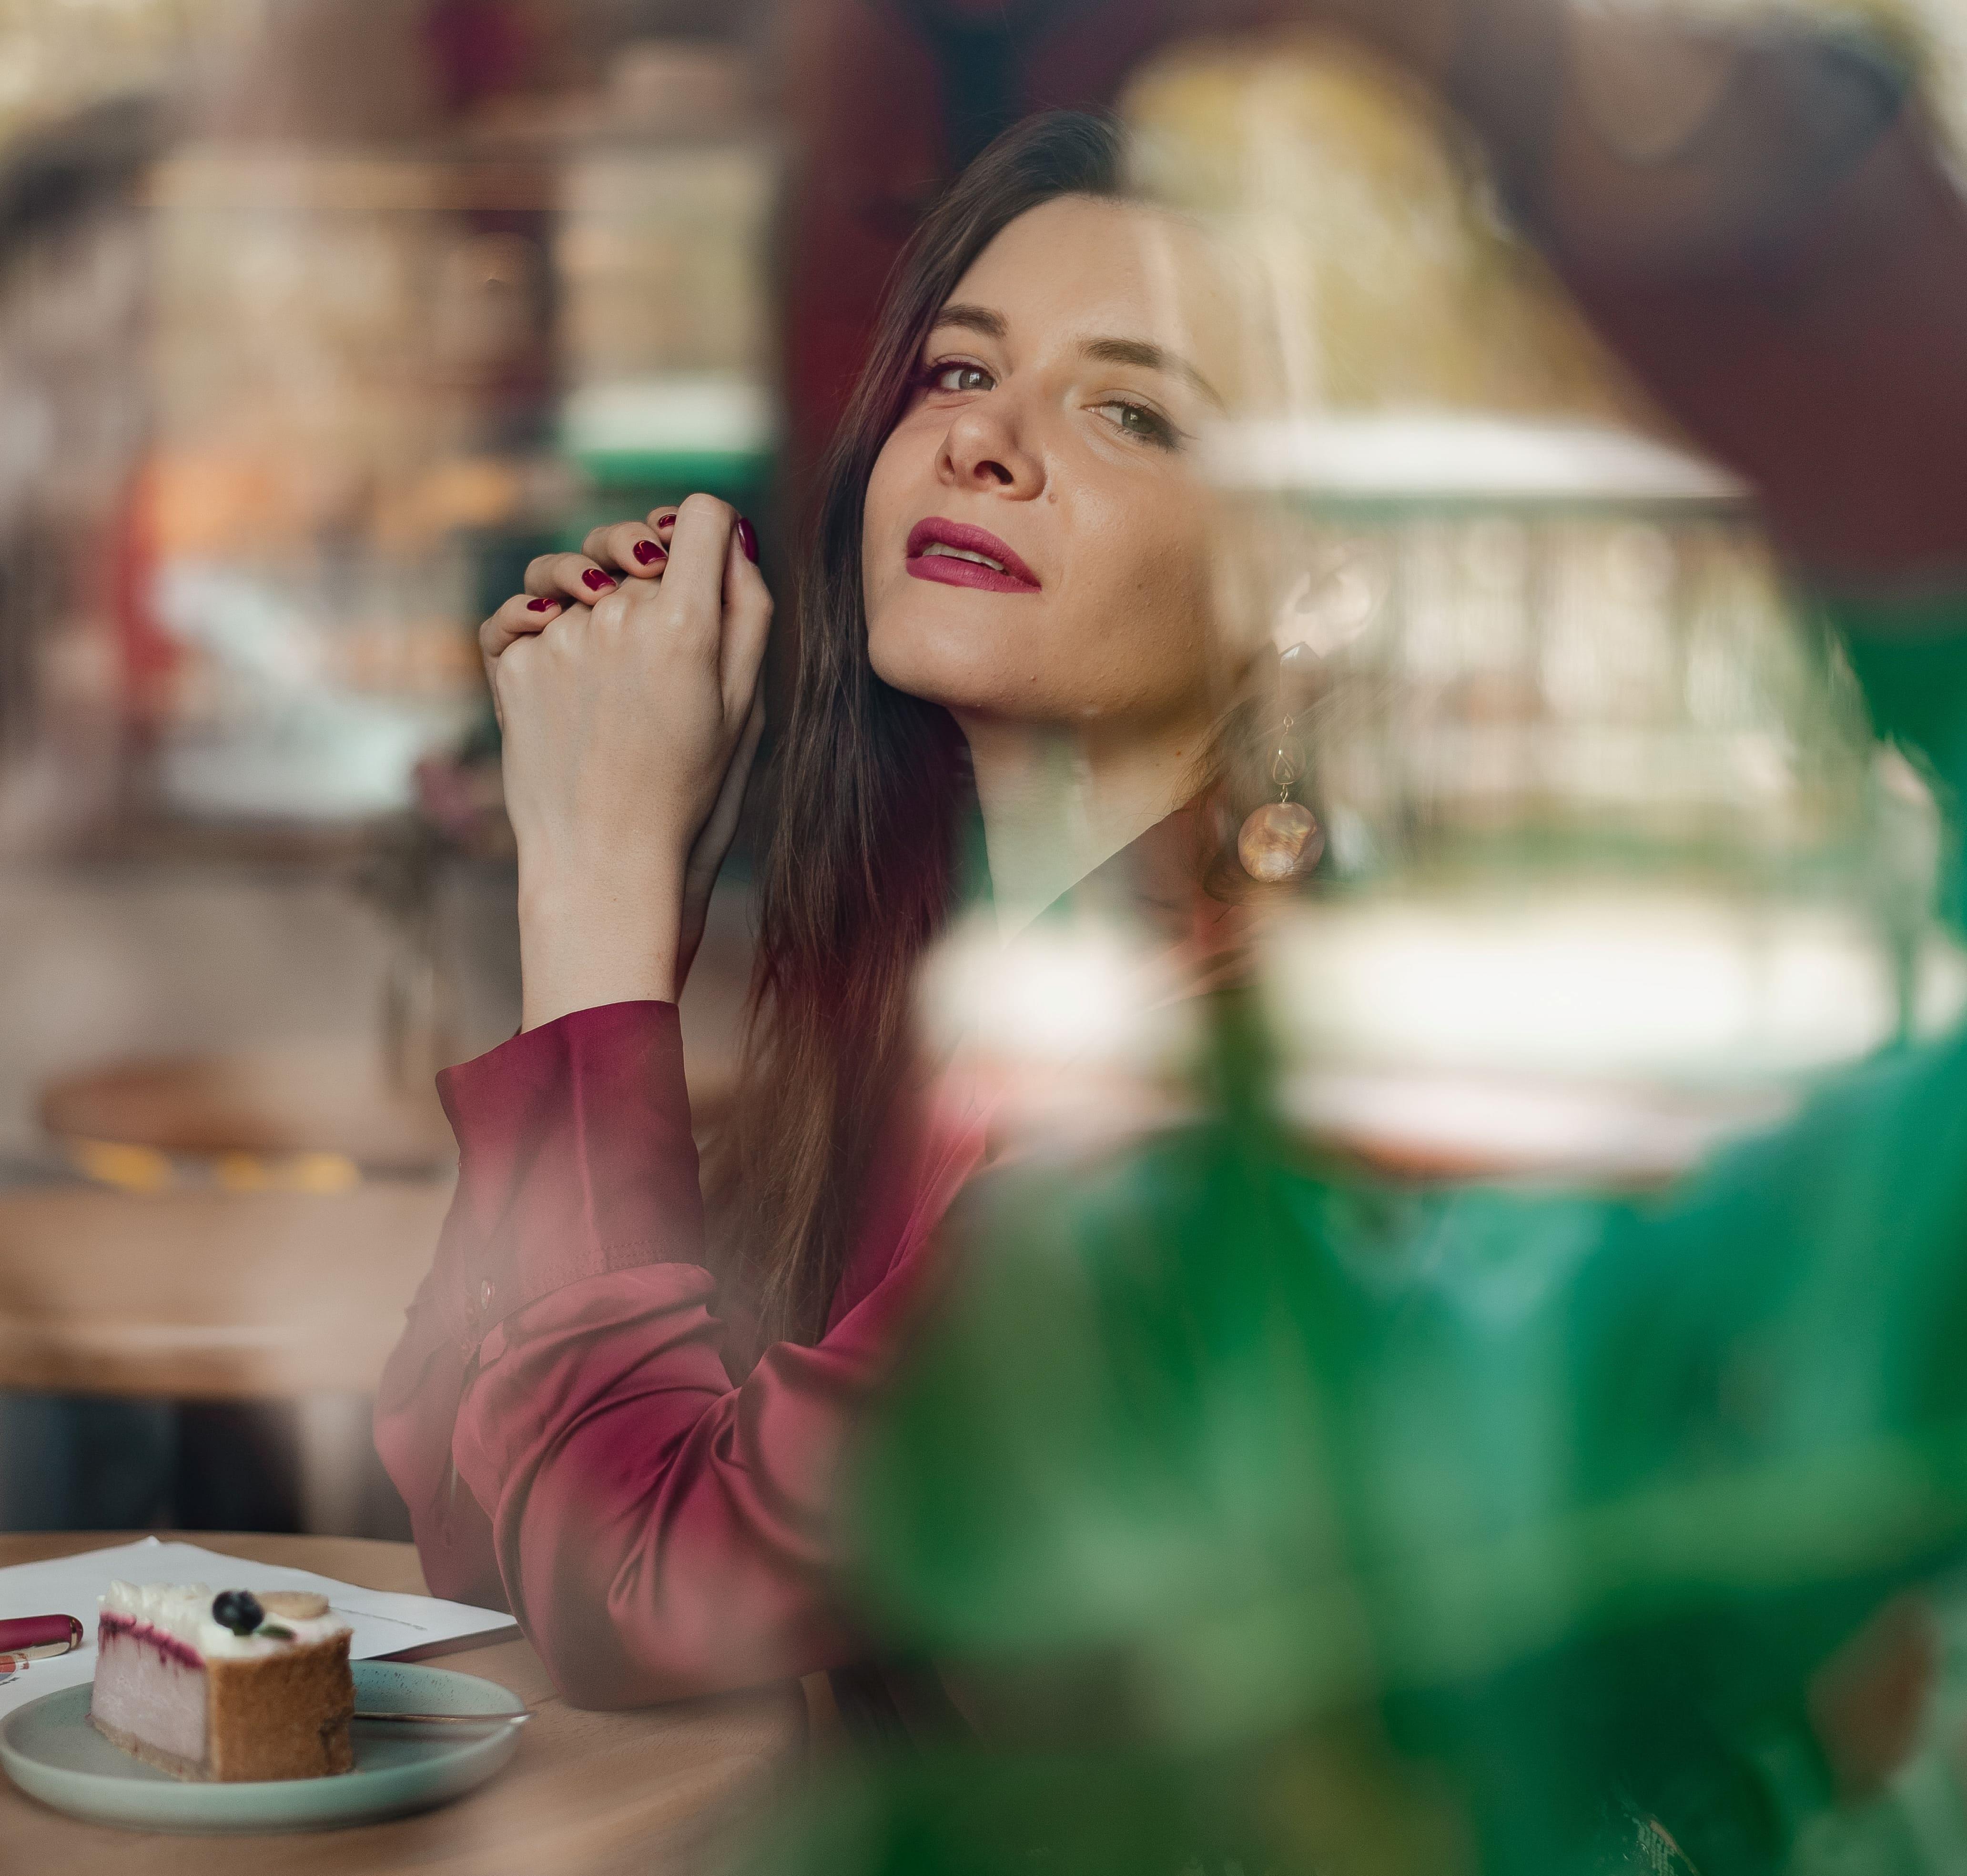 Как избавиться от зависти — рекомендации психологов